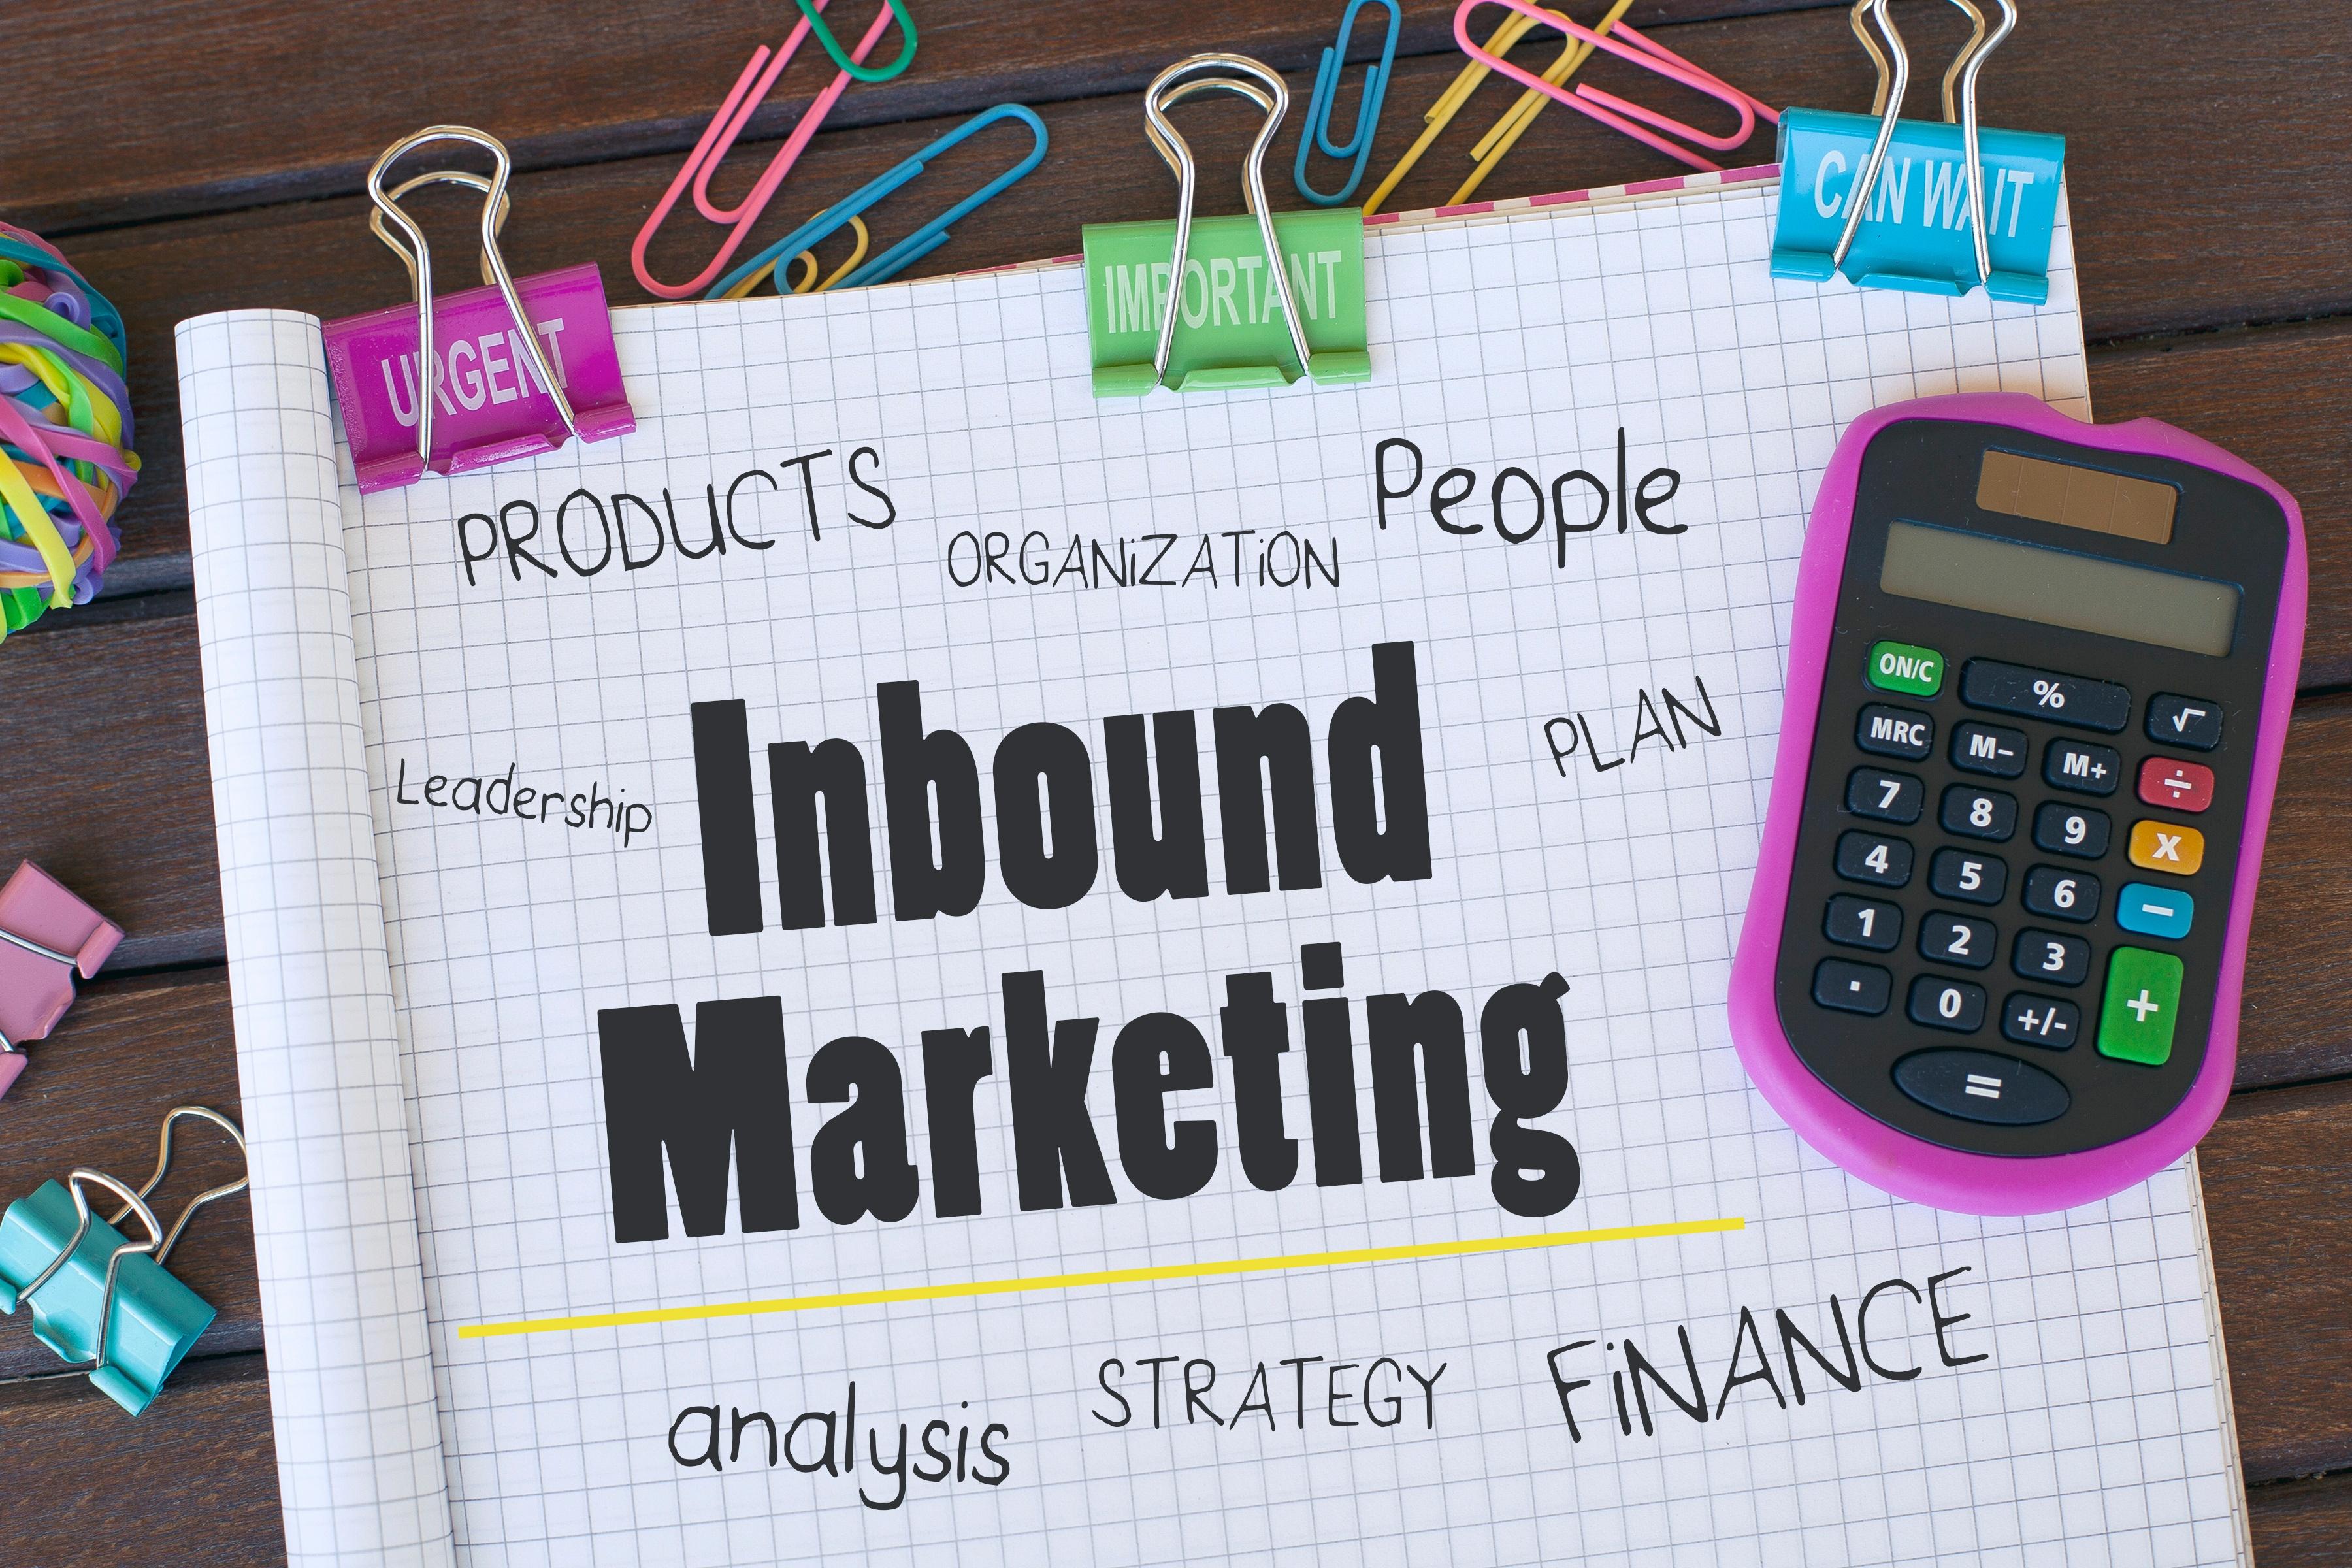 Inbound Marketing offers